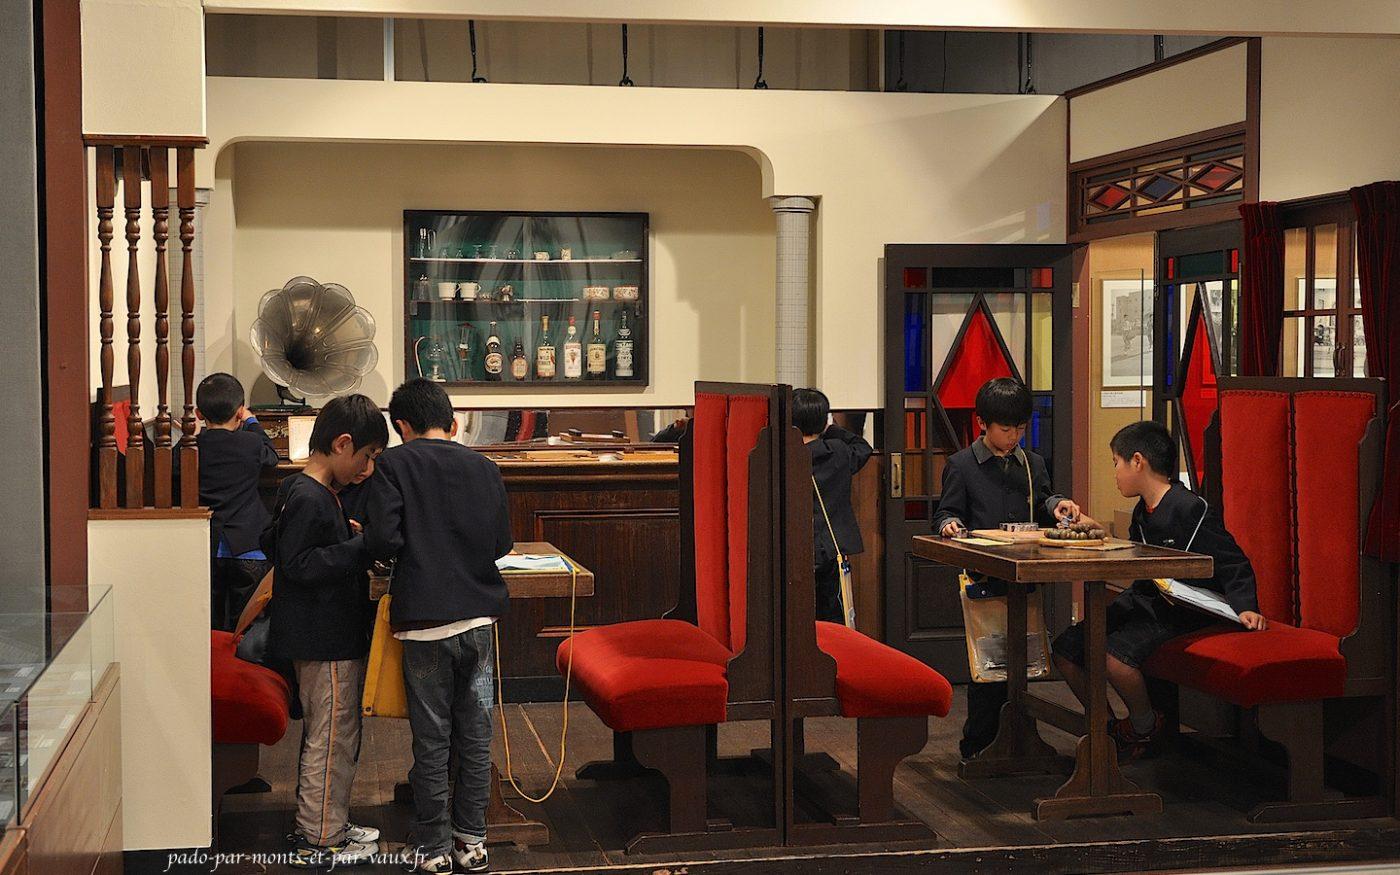 Ueno - Musée de Shitamachi